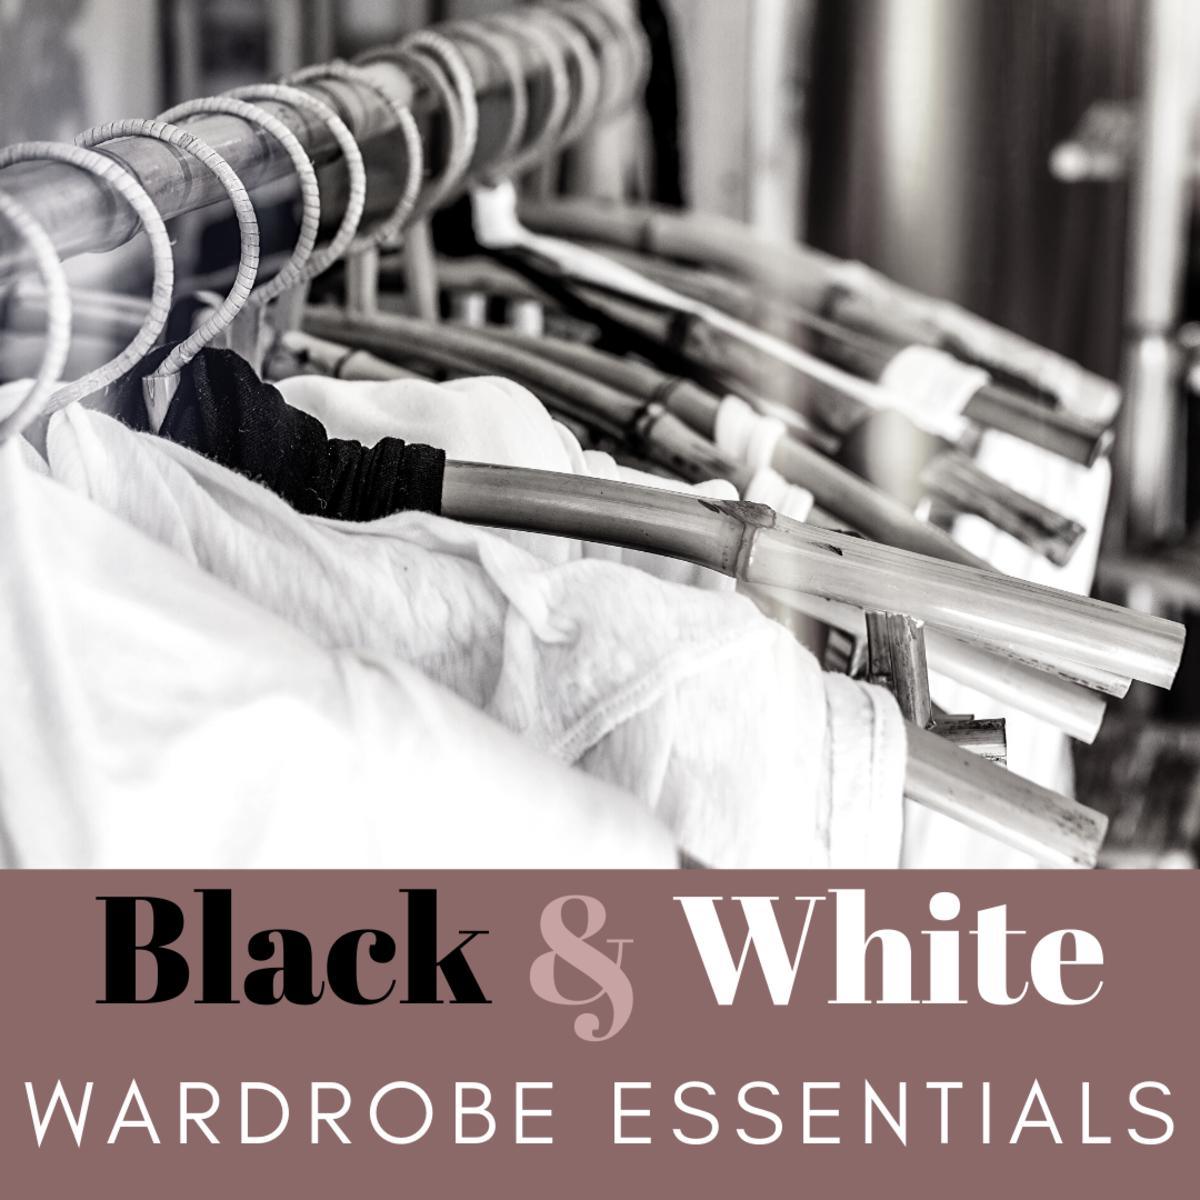 Black and White Wardrobe Essentials